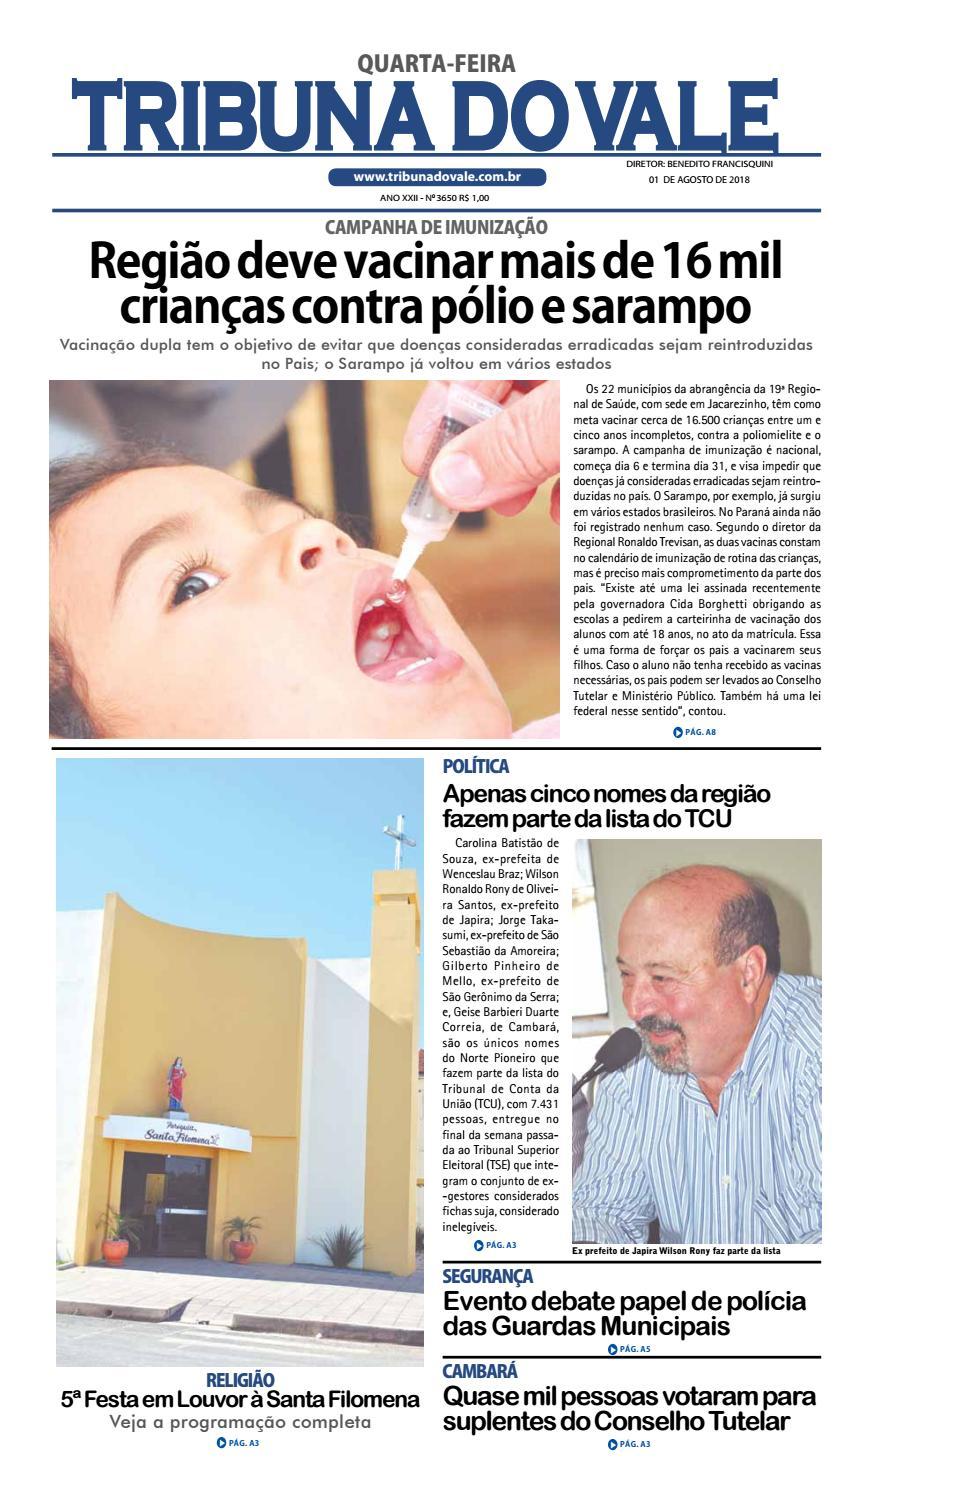 d8ef6ed8a21 3650 by Tribuna do Vale - issuu